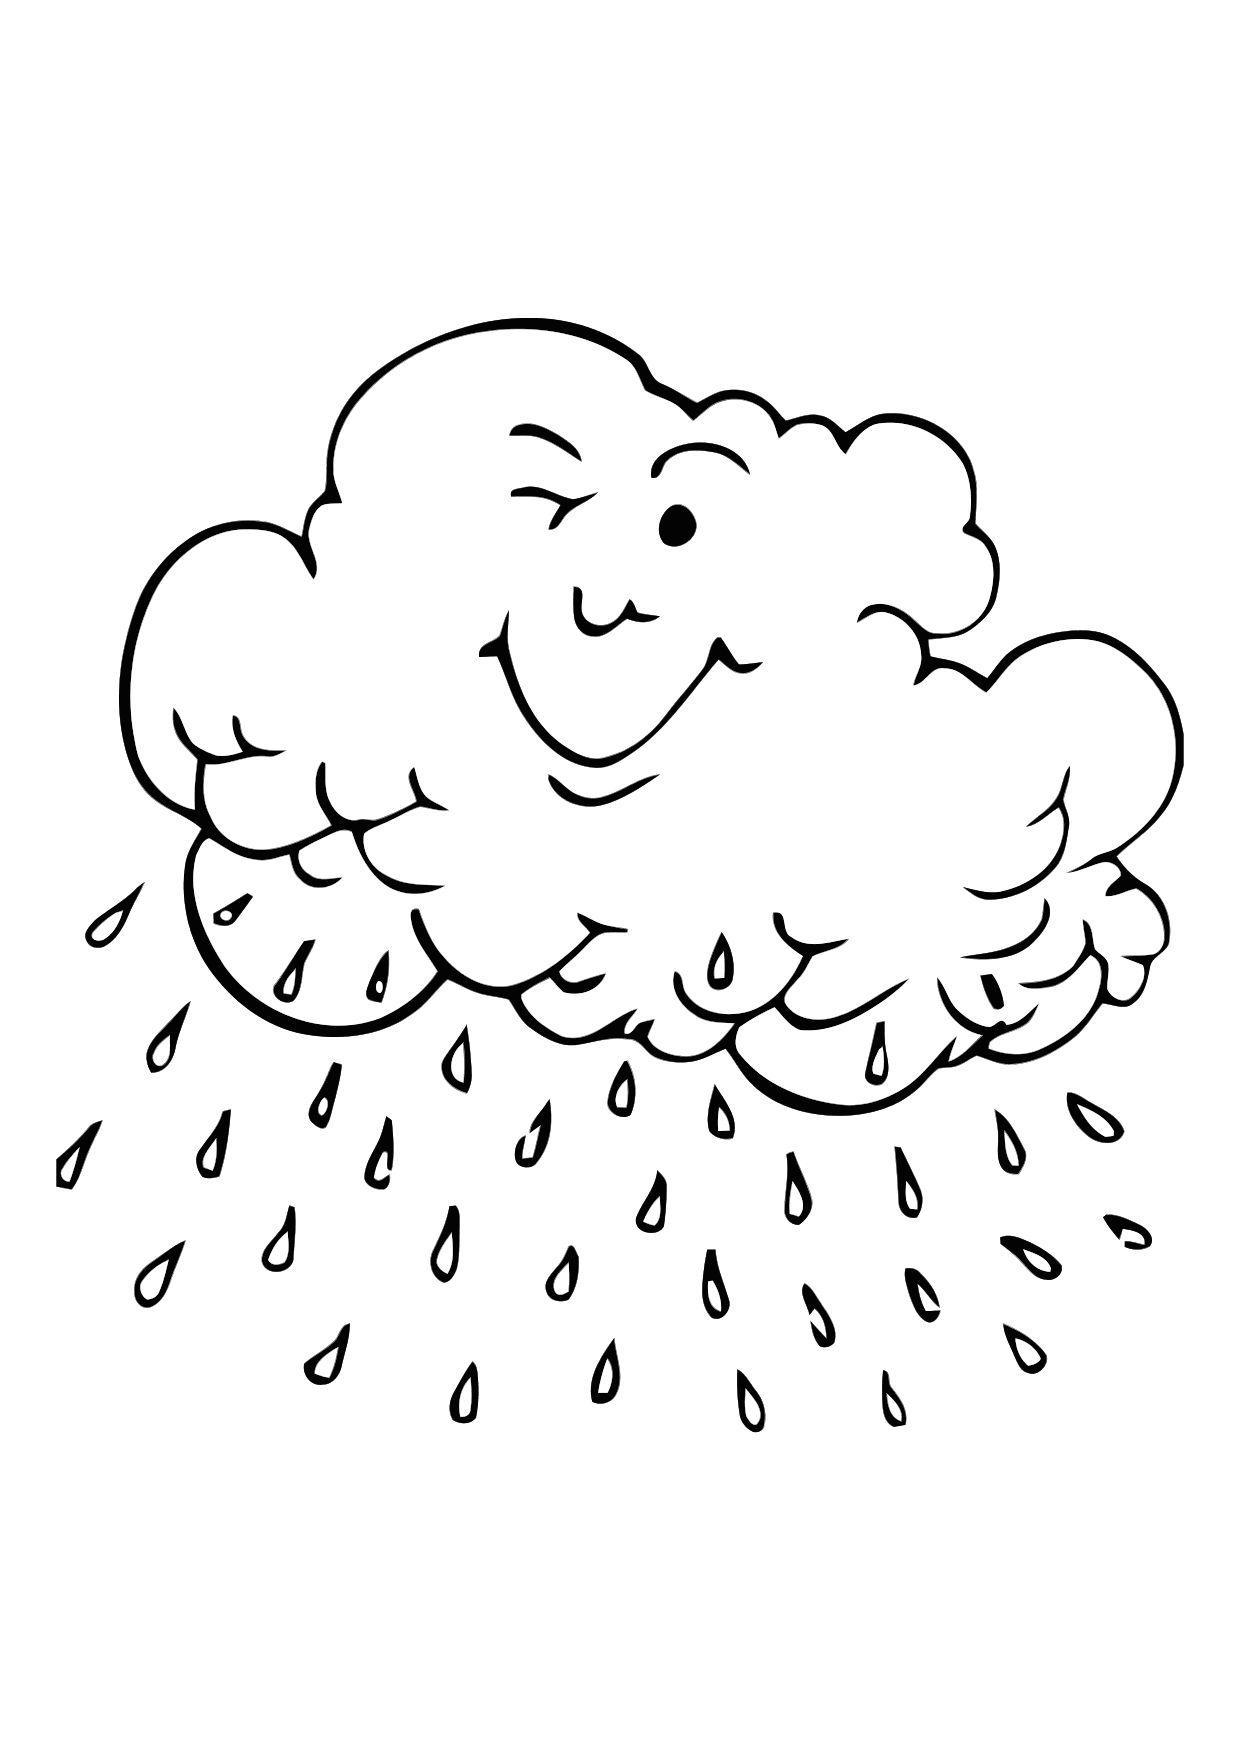 Disegno da colorare nube di pioggia cat 11352 for Sole disegno da colorare